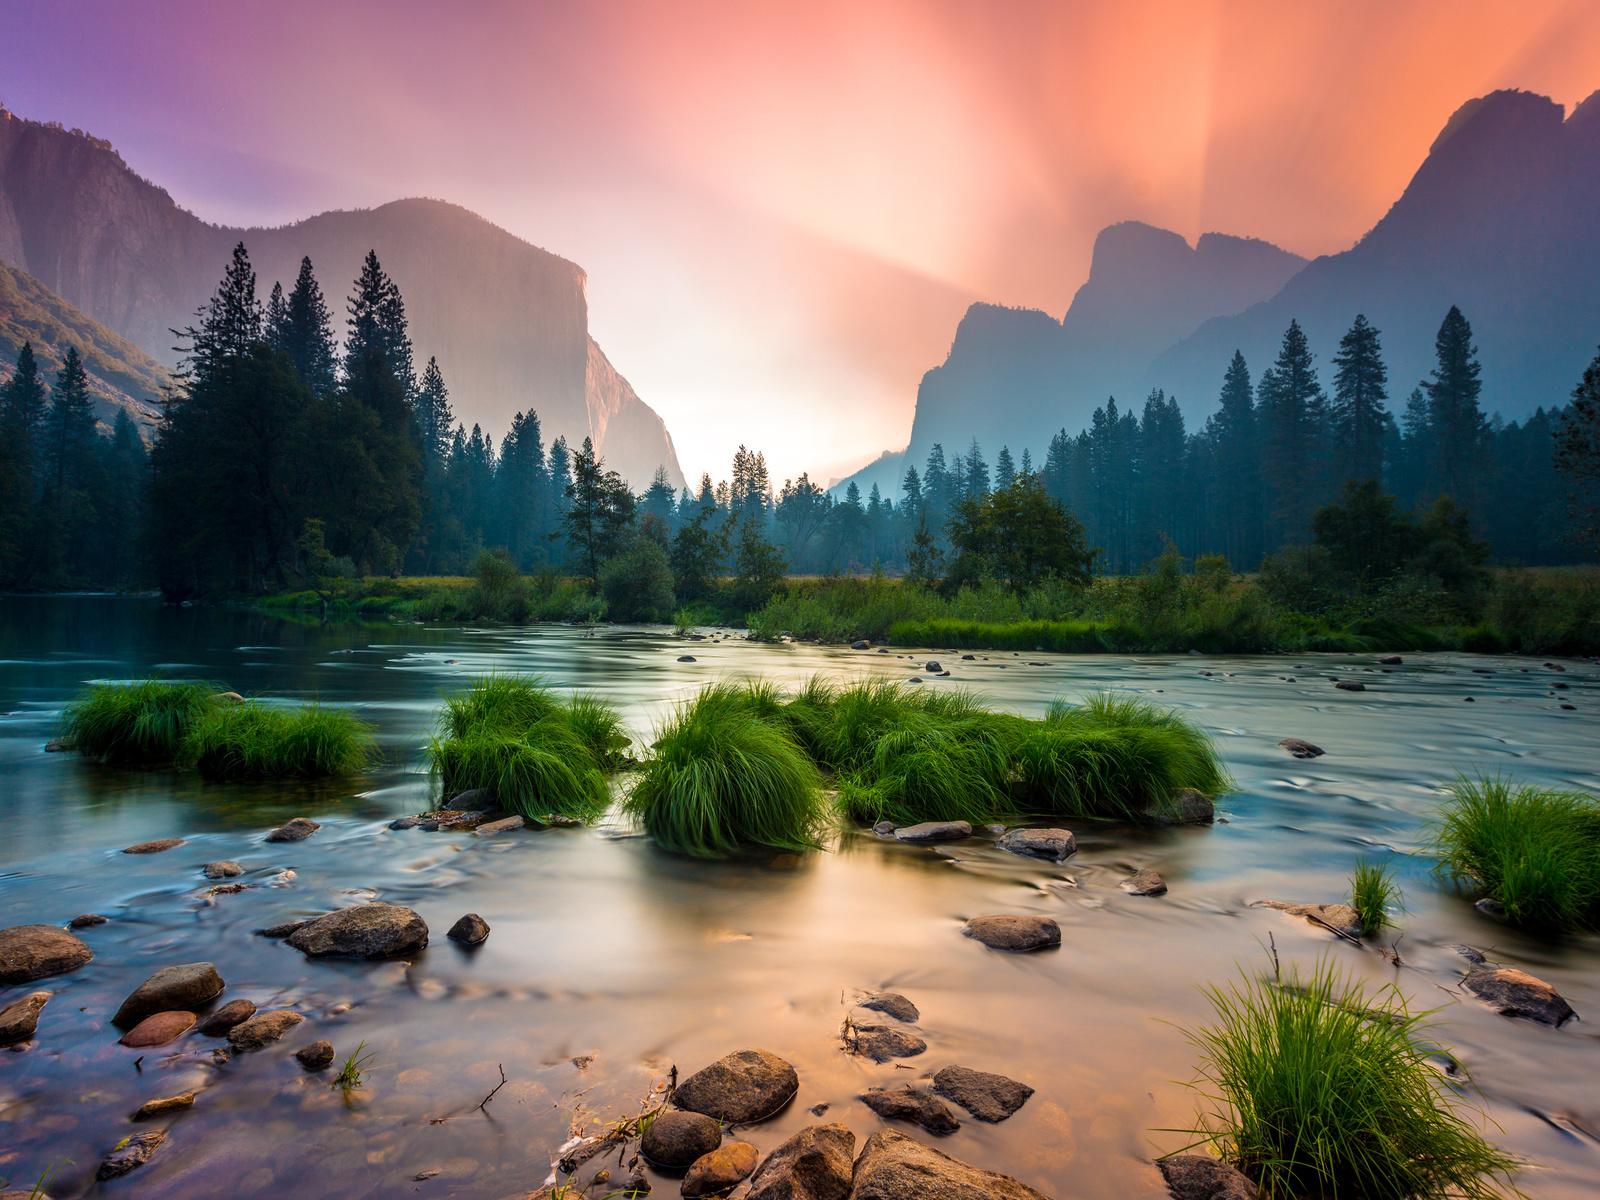 солнце, лучи, пейзаж, горы, природа, река, камни, закат, сша, йосемити, национальный парк, yosemite national park, merced river